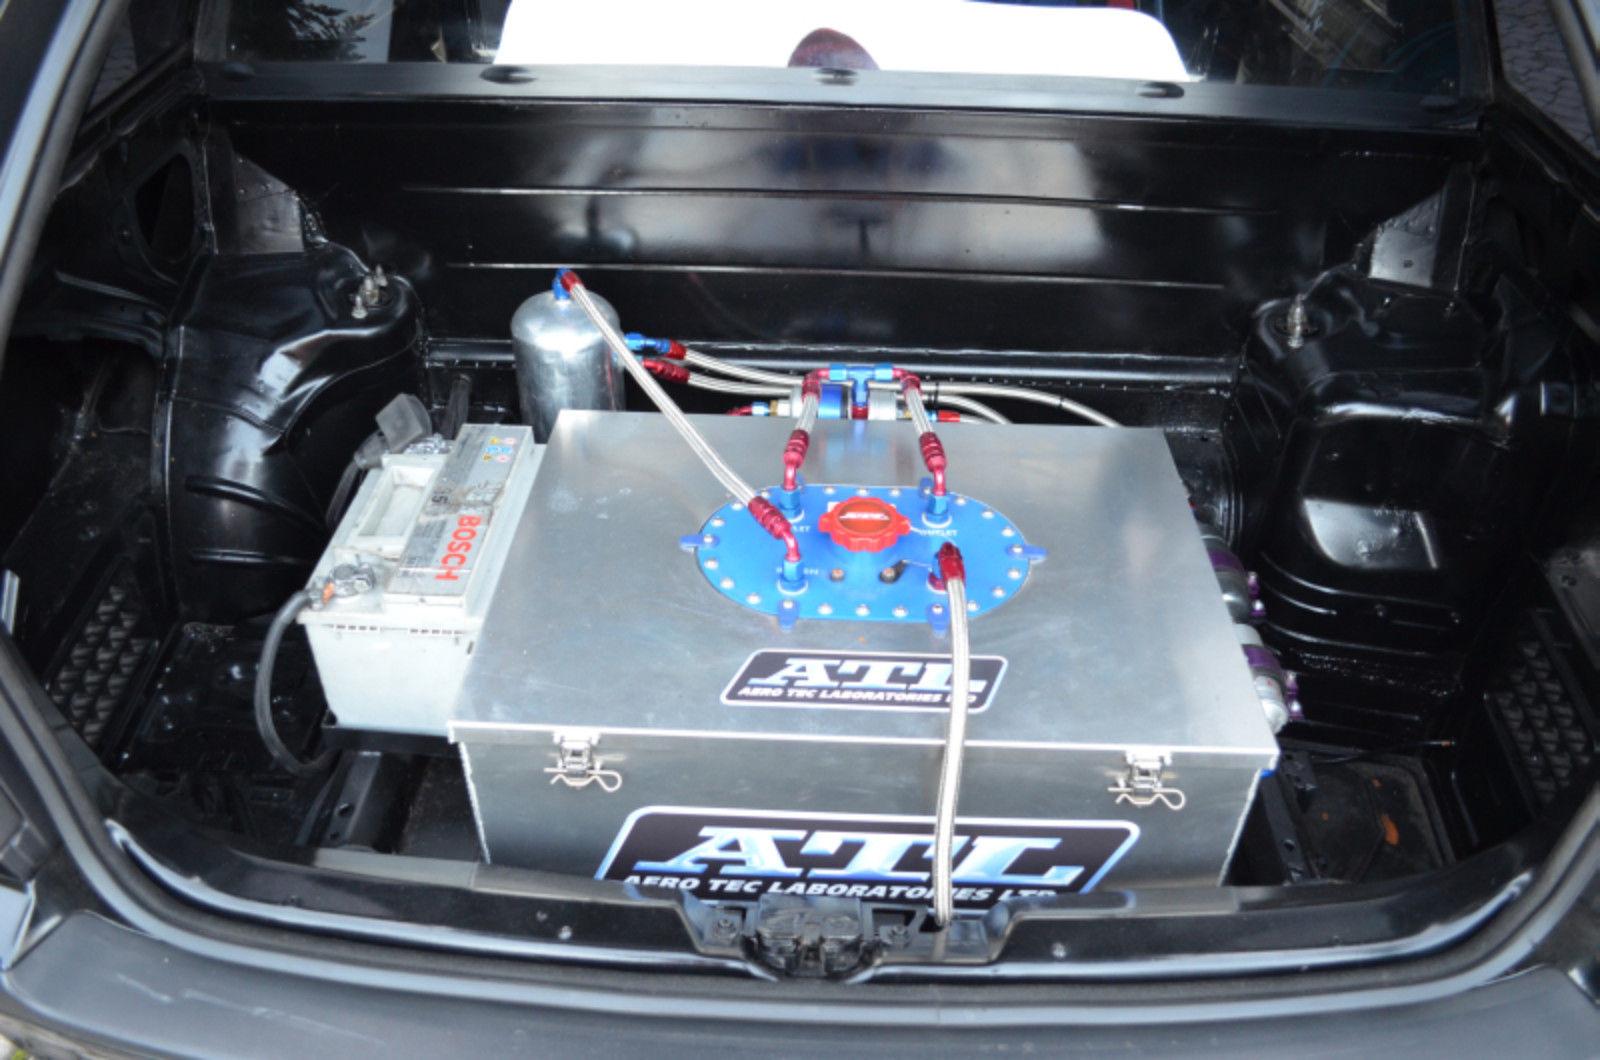 Bmw E46 Wagon With A 795 Hp 1 5jz Inline Six Engine Swap